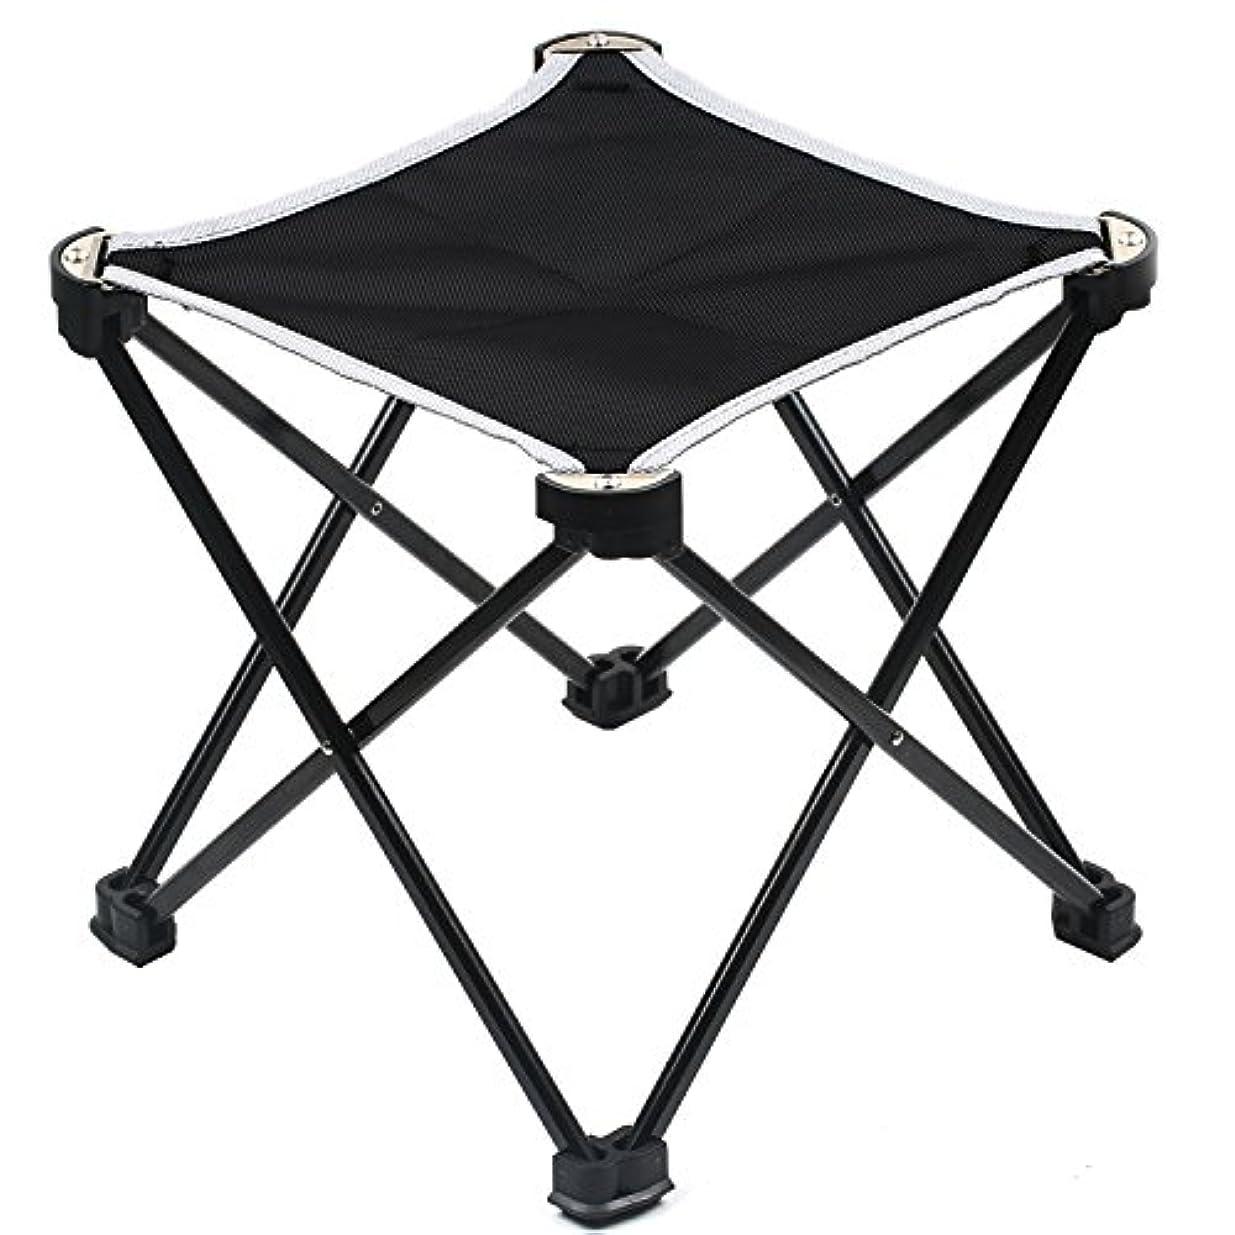 ブロンズ旋律的故意のMUSON(ムソン) アウトドアチェア 折りたたみ椅子 超軽量コンパクト(耐荷重80kg) 持ち運び便利 組み立て簡単 収納バッグ付き お釣り 登山 携帯便利 キャンプ椅子 登山 キャンプ用 ウルトラライトチェア 折畳式携帯イス